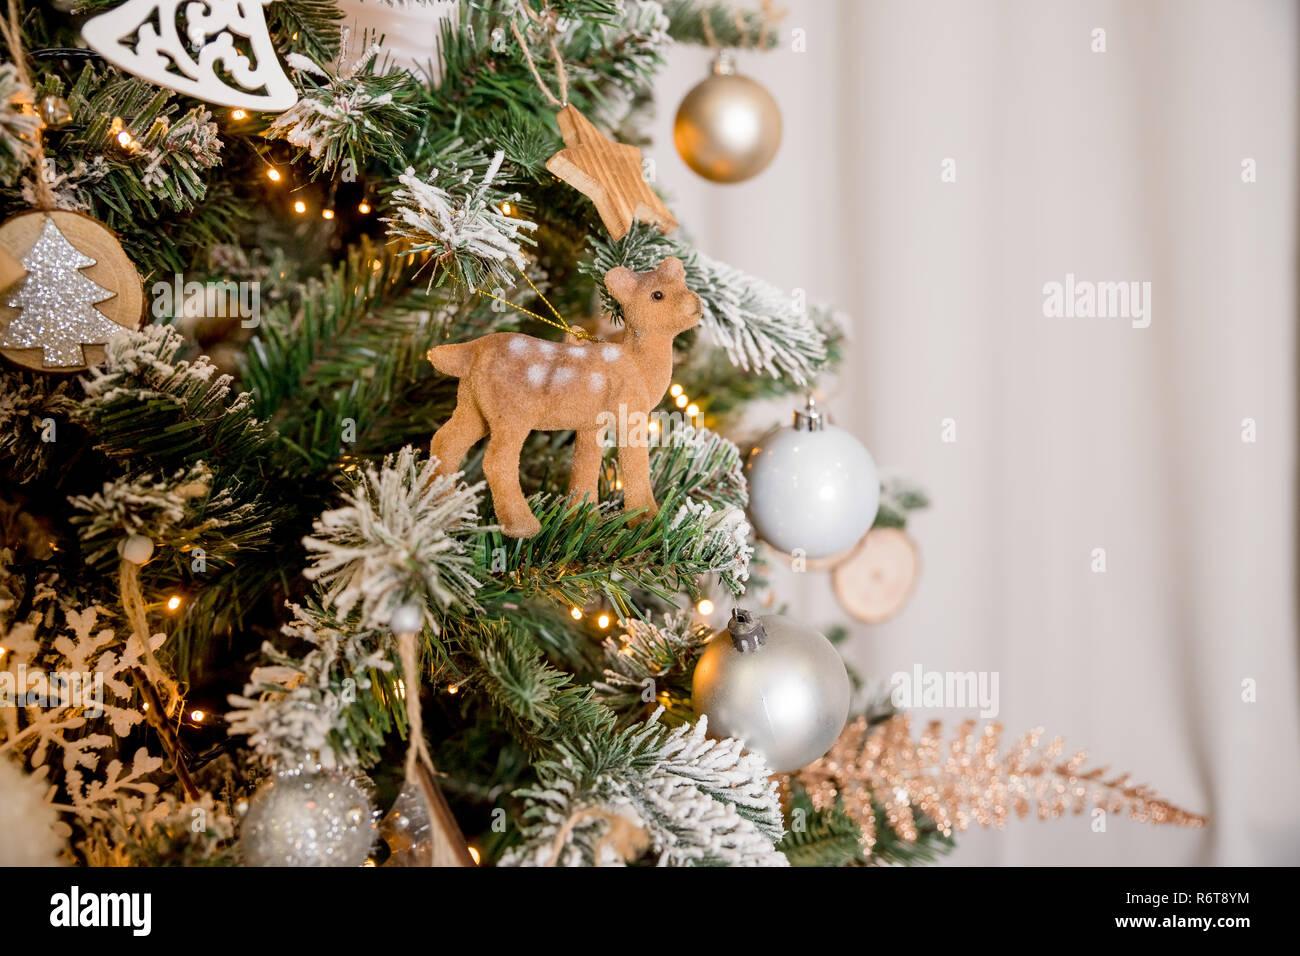 Innenraum In Weihnachten Stil Dekoriert Keine Menschen Neutralen